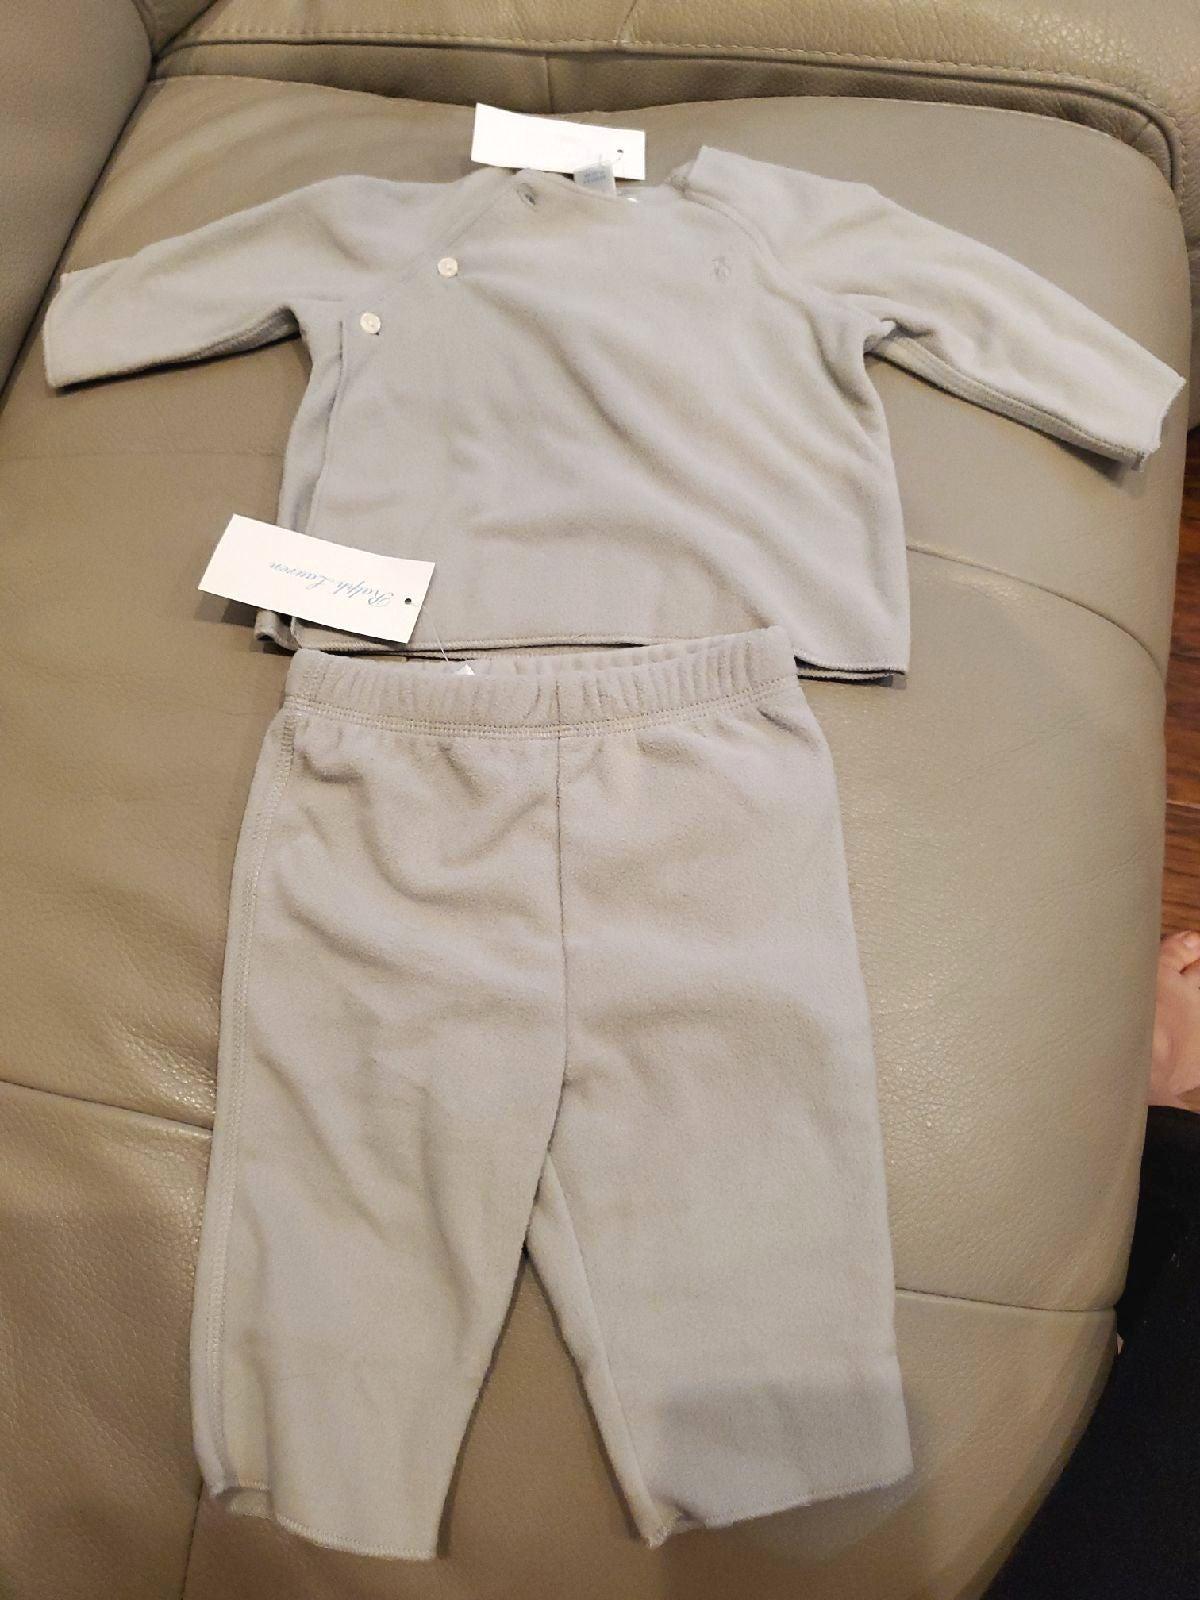 NWT Ralph Lauren Unisex Baby Fleece Outf